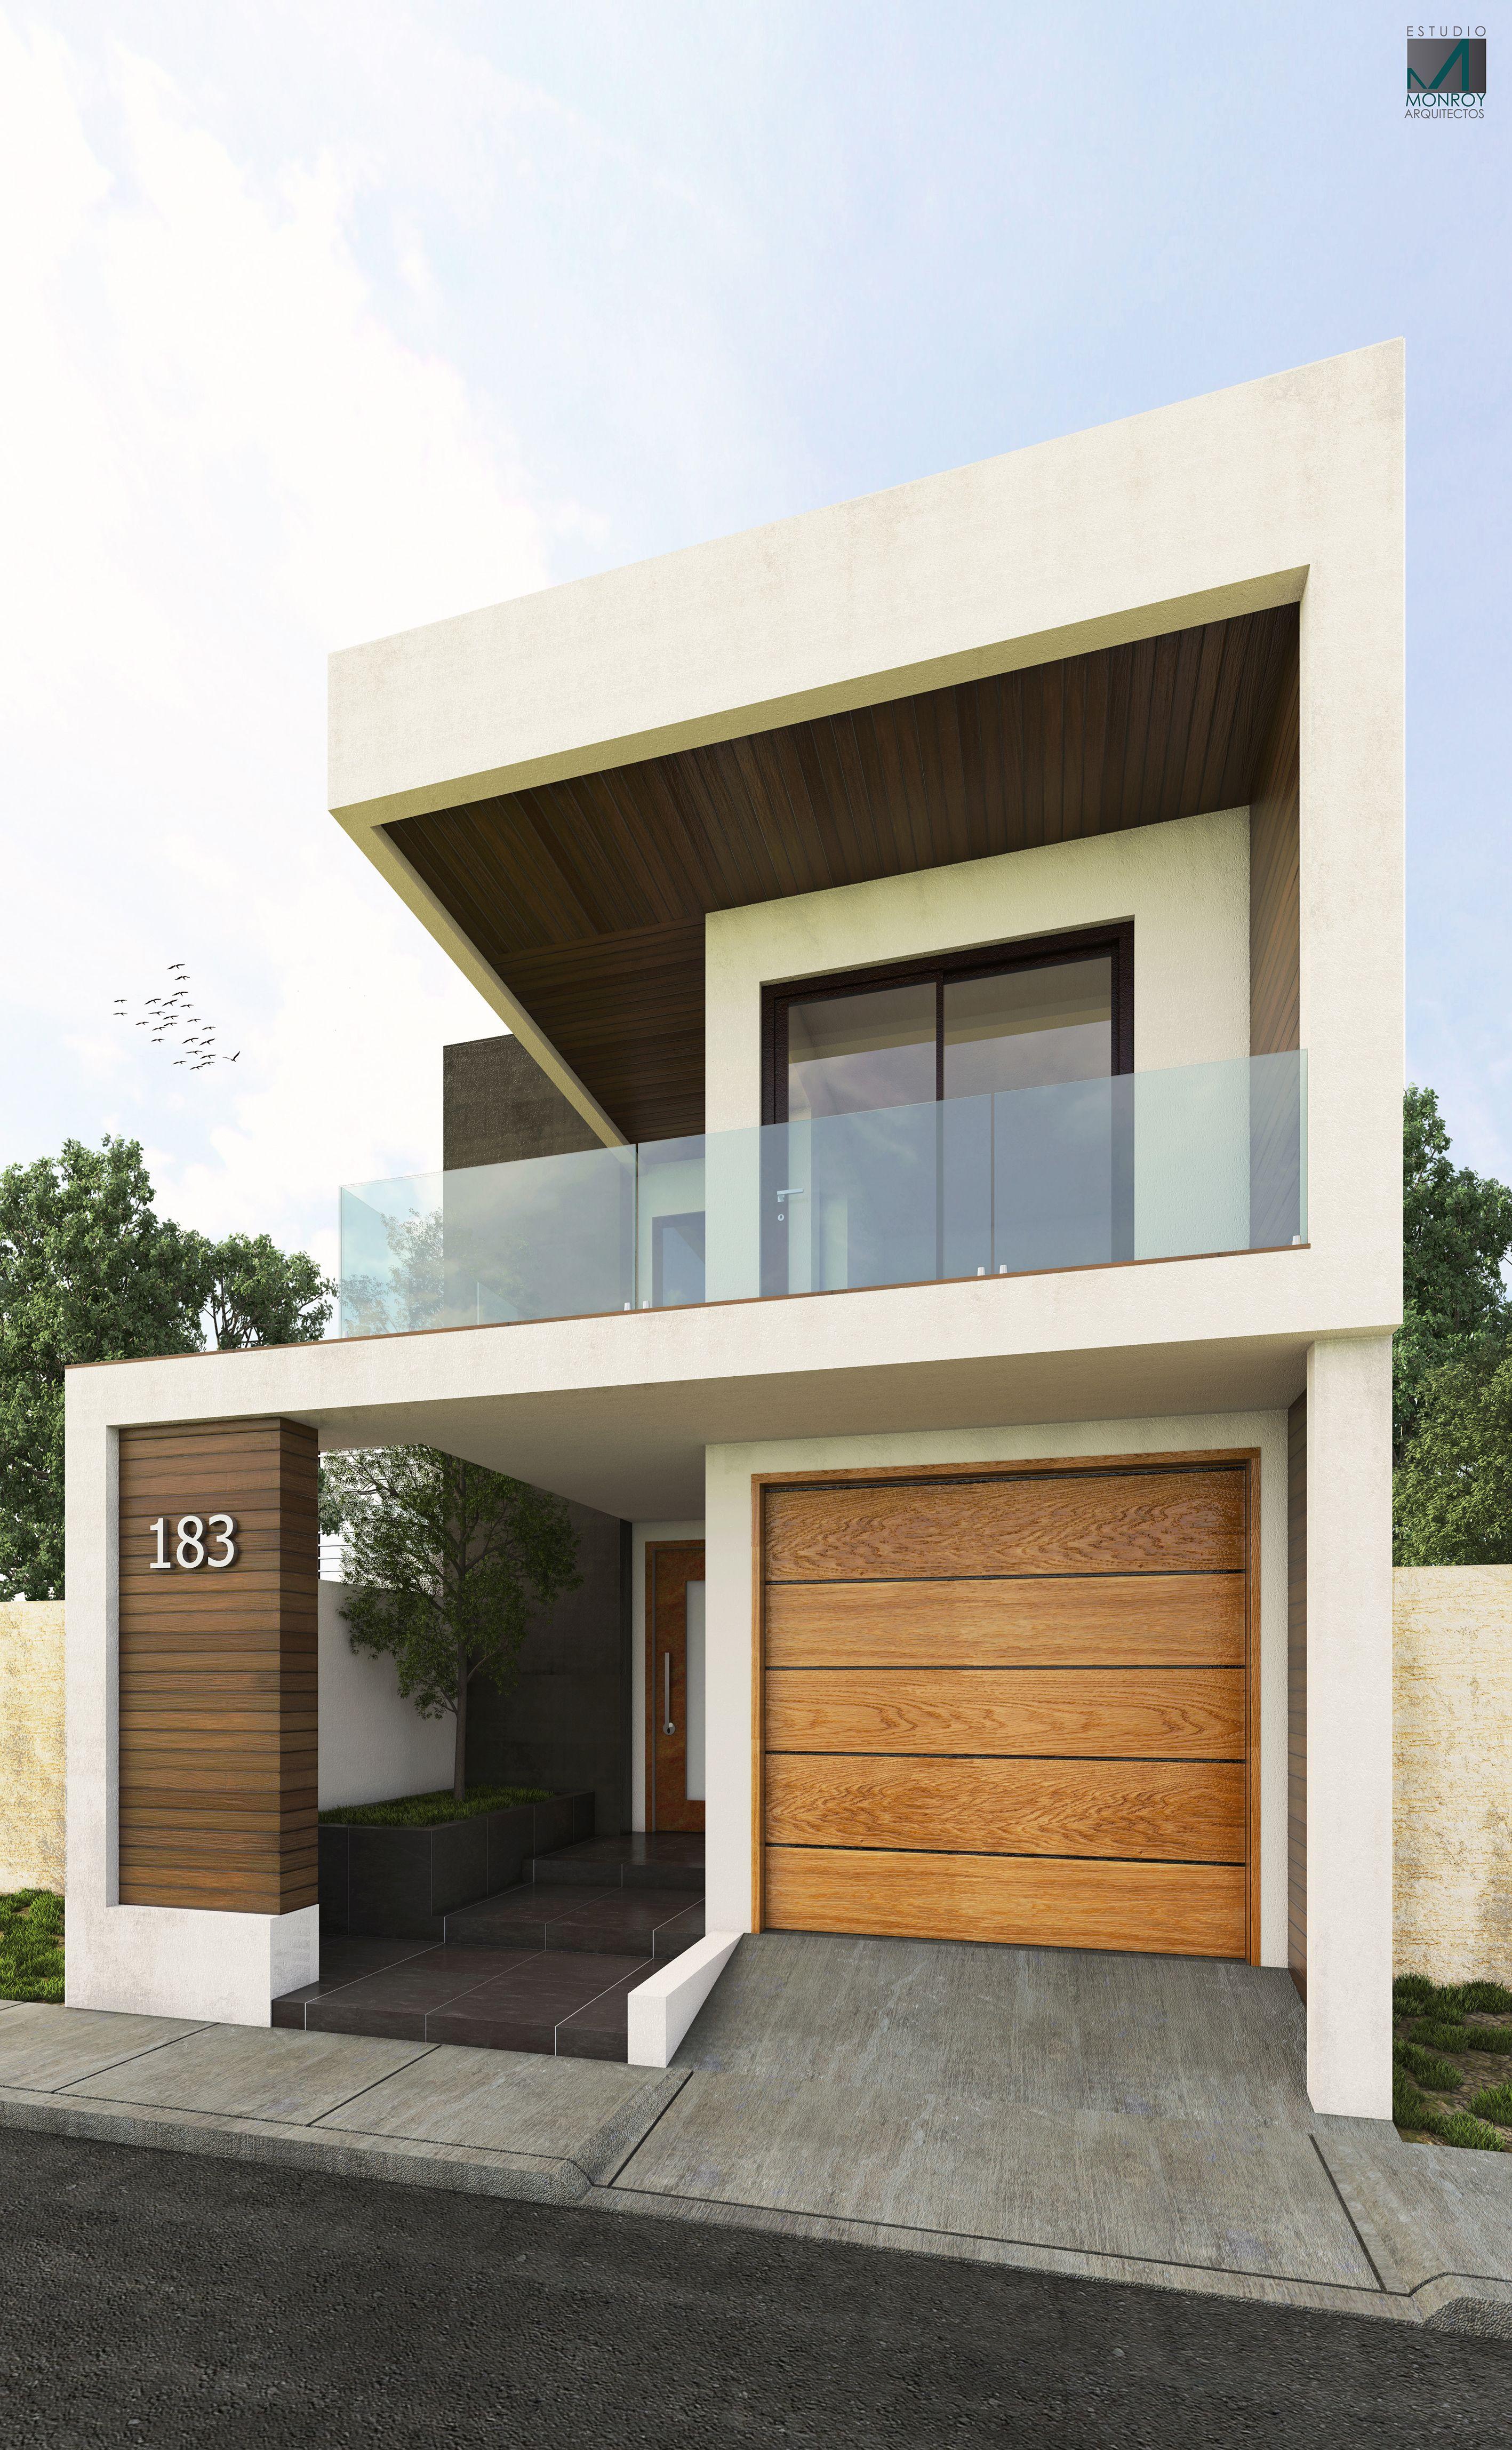 Fachada contempor nea 1 arquitecturacontemporane - Estudio 3 arquitectos ...